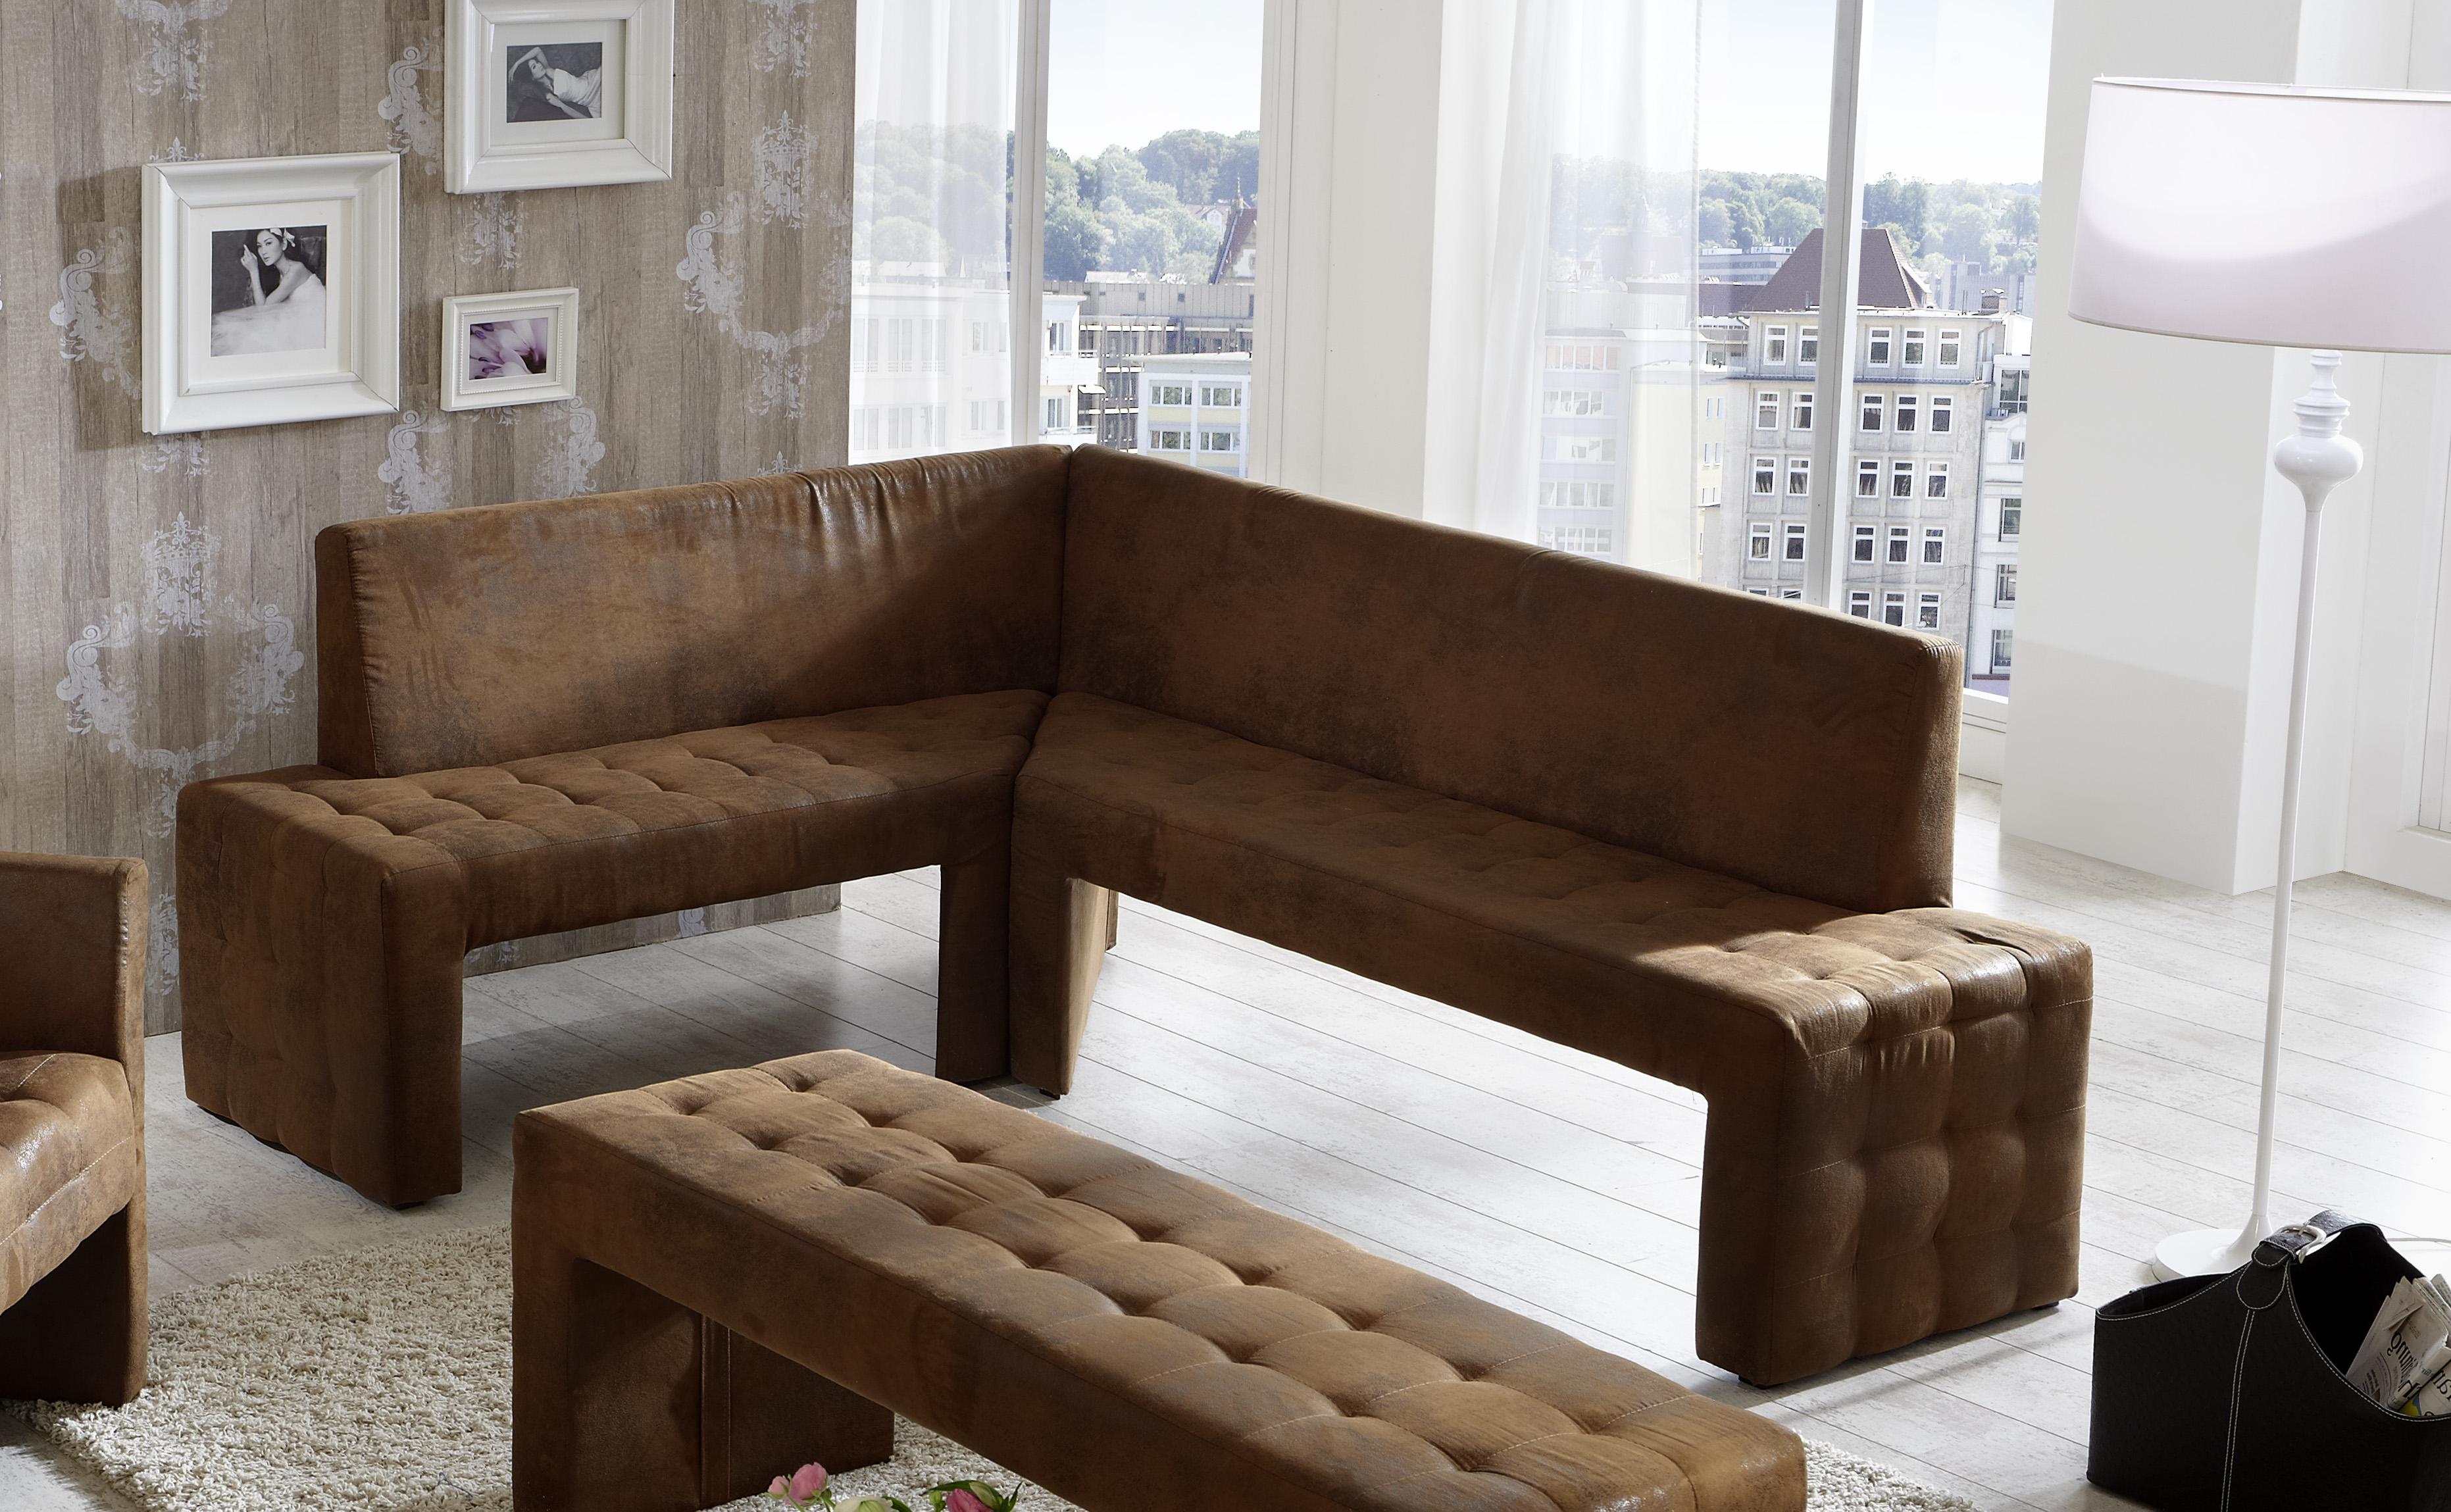 Farbgestaltung schlafzimmer grau - Farbgestaltung wohnzimmer online ...